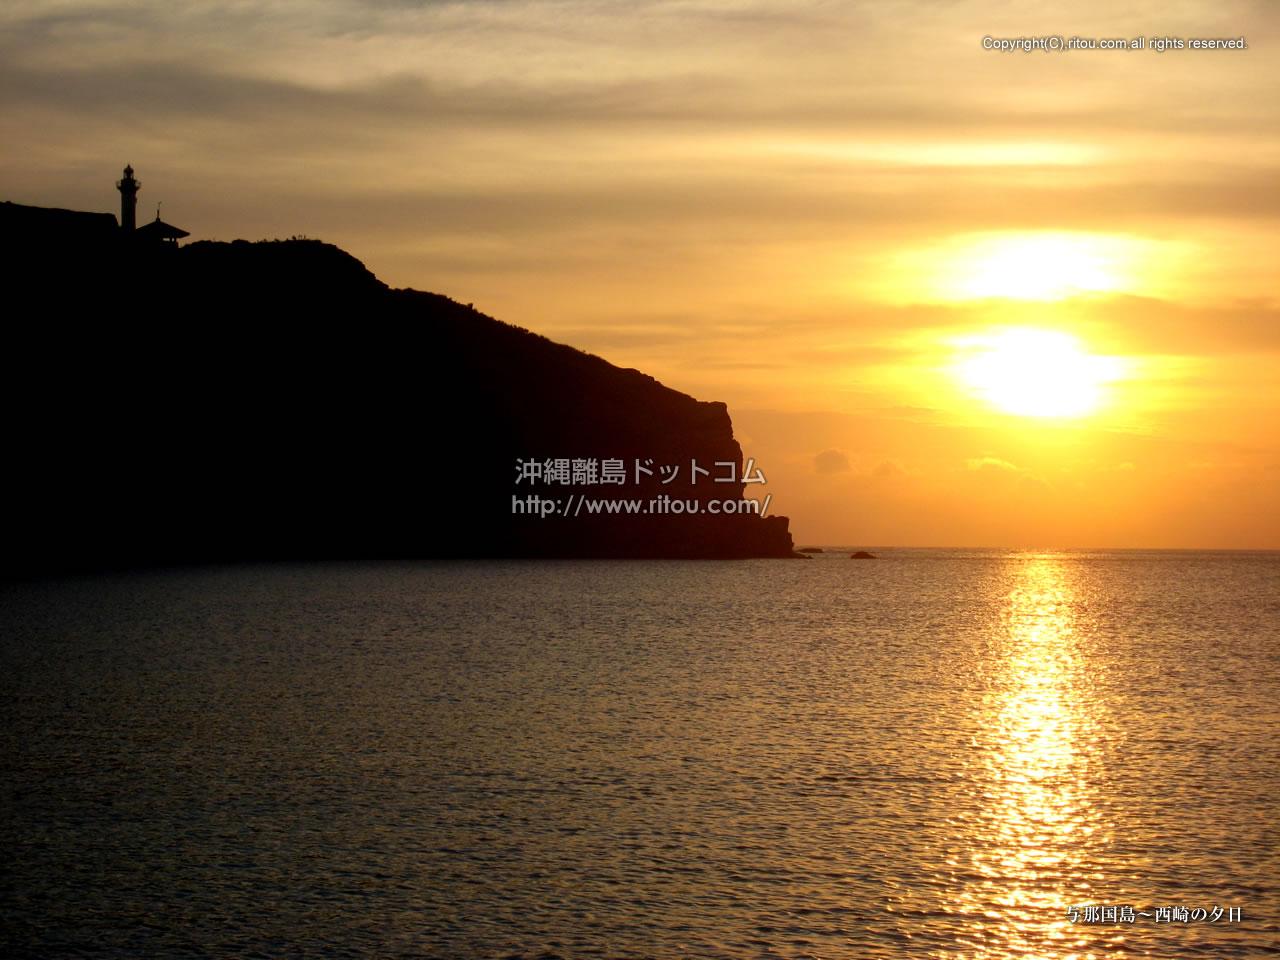 与那国島〜西崎の夕日